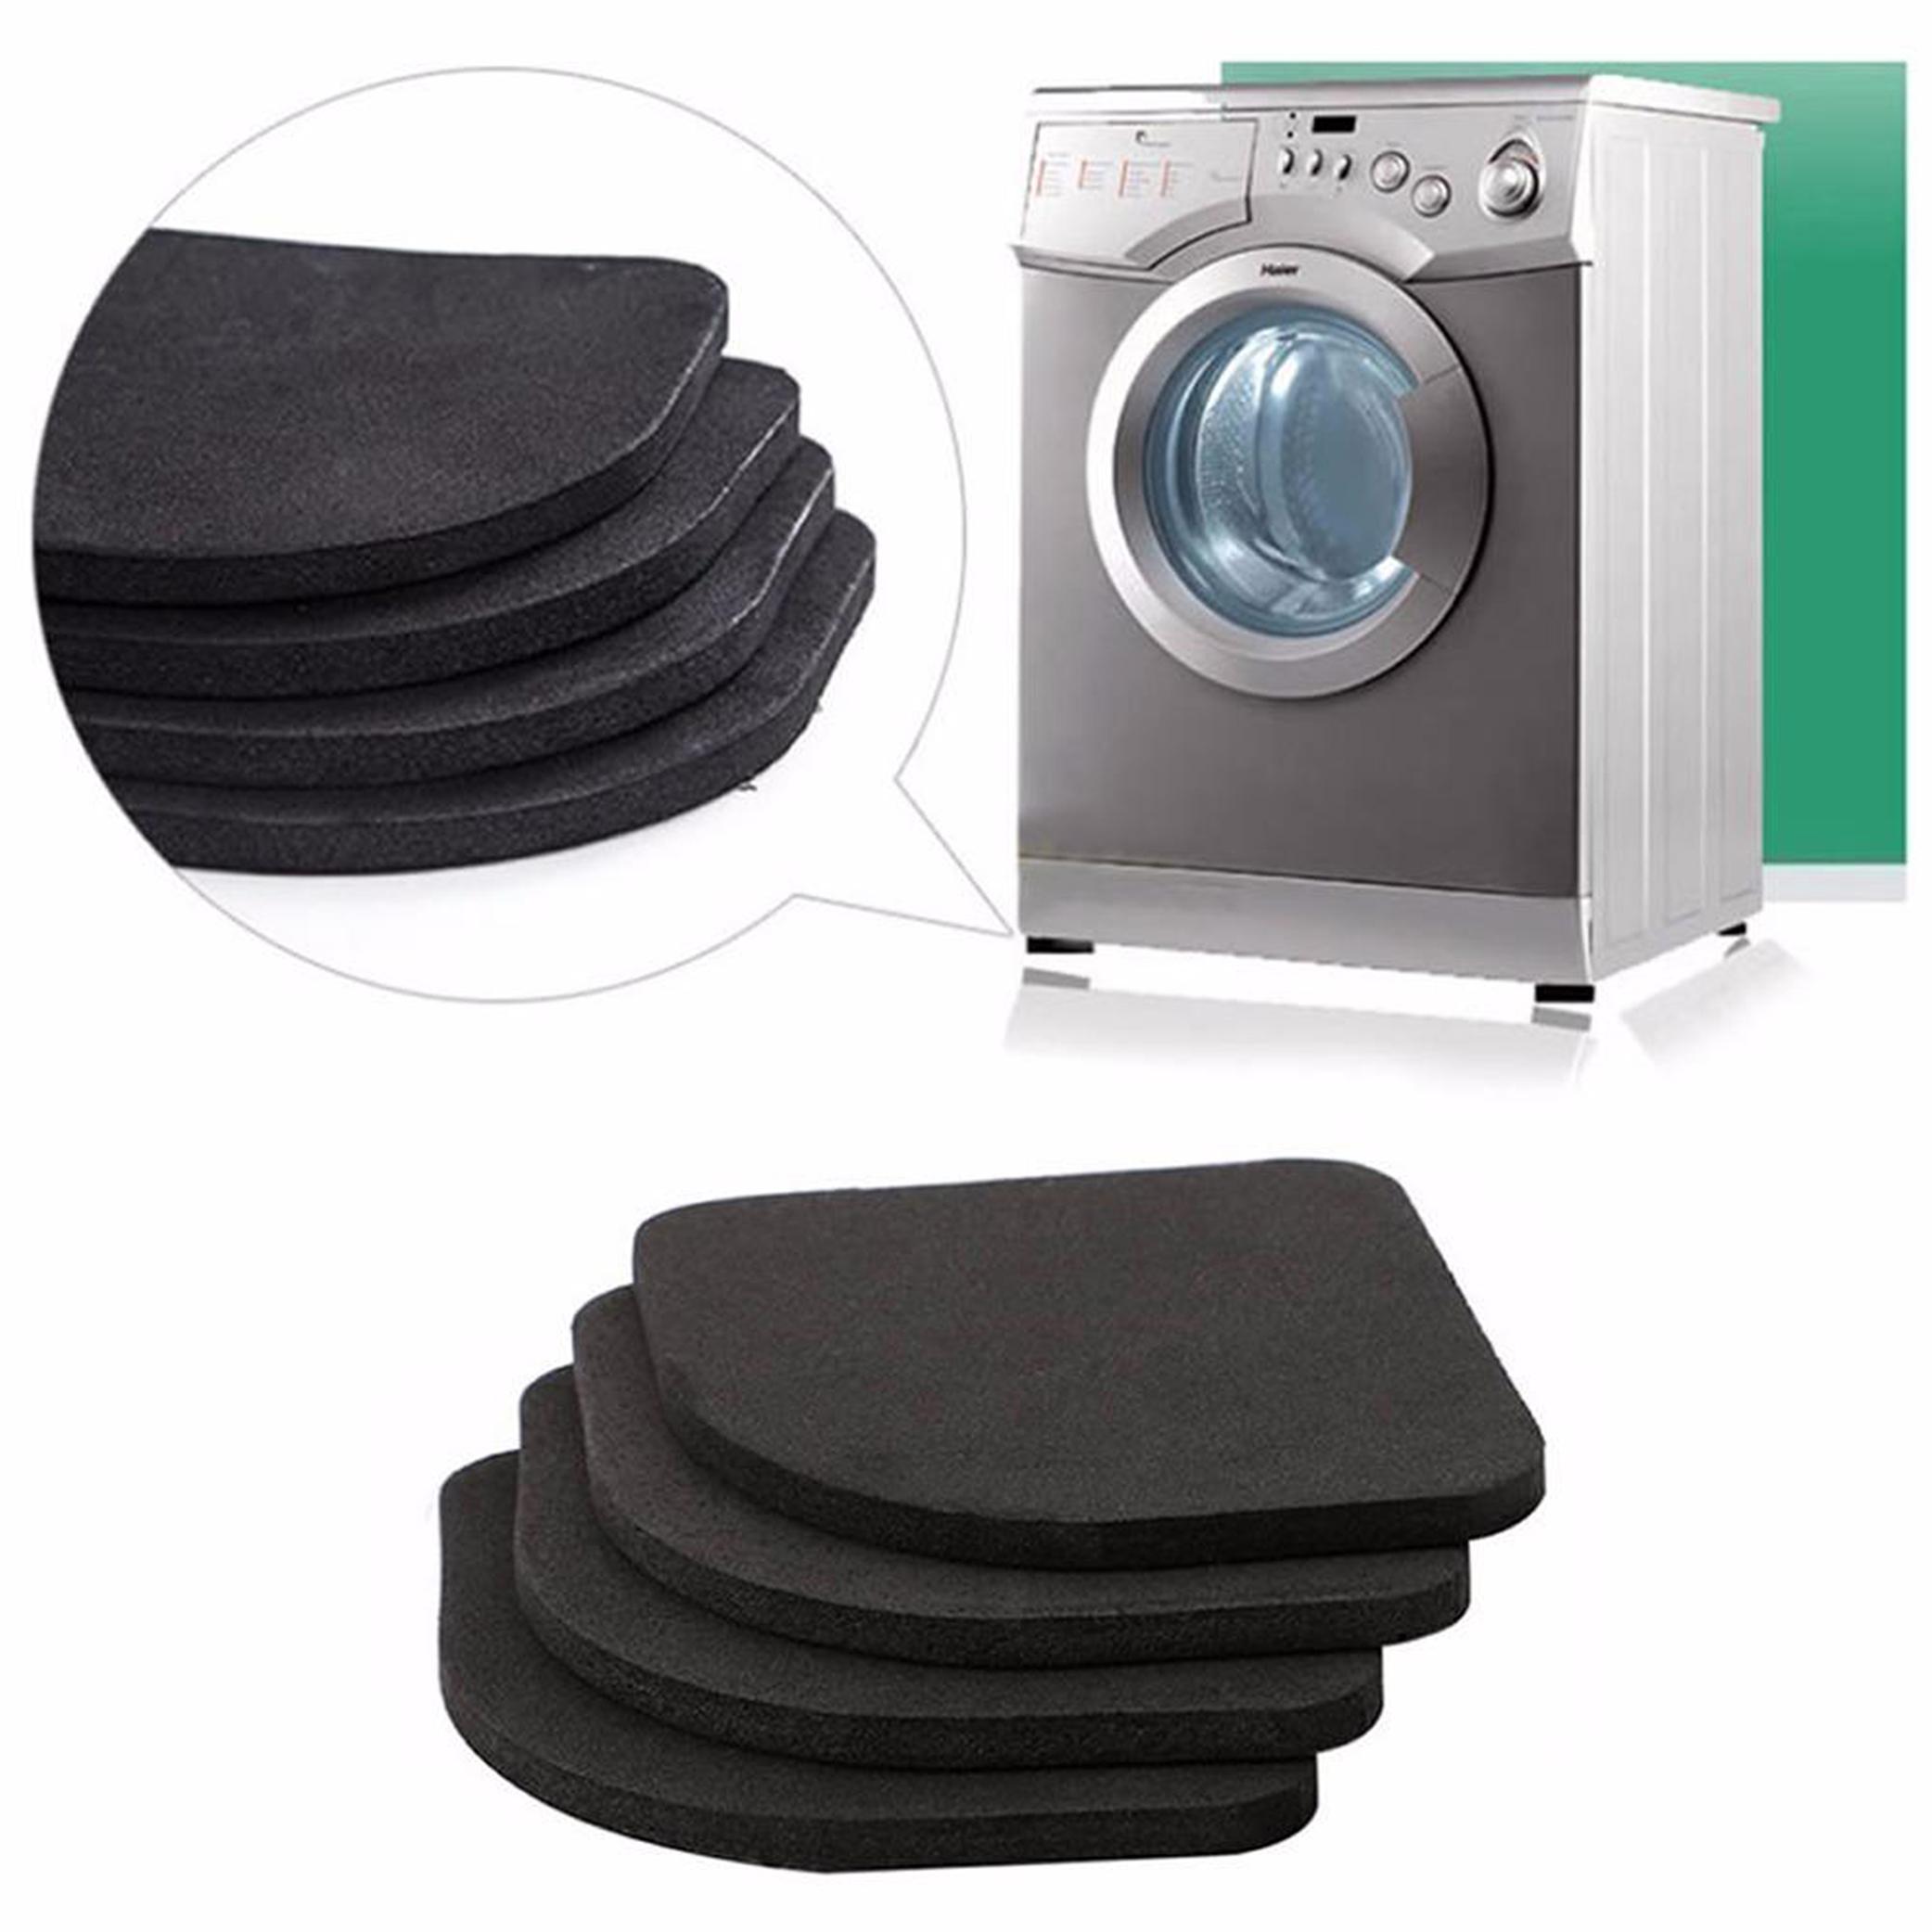 Bảng giá Set 4 Miếng Đệm Chân Máy Giặt, Tủ Lạnh Chống Trơn, Rung H035 Điện máy Pico